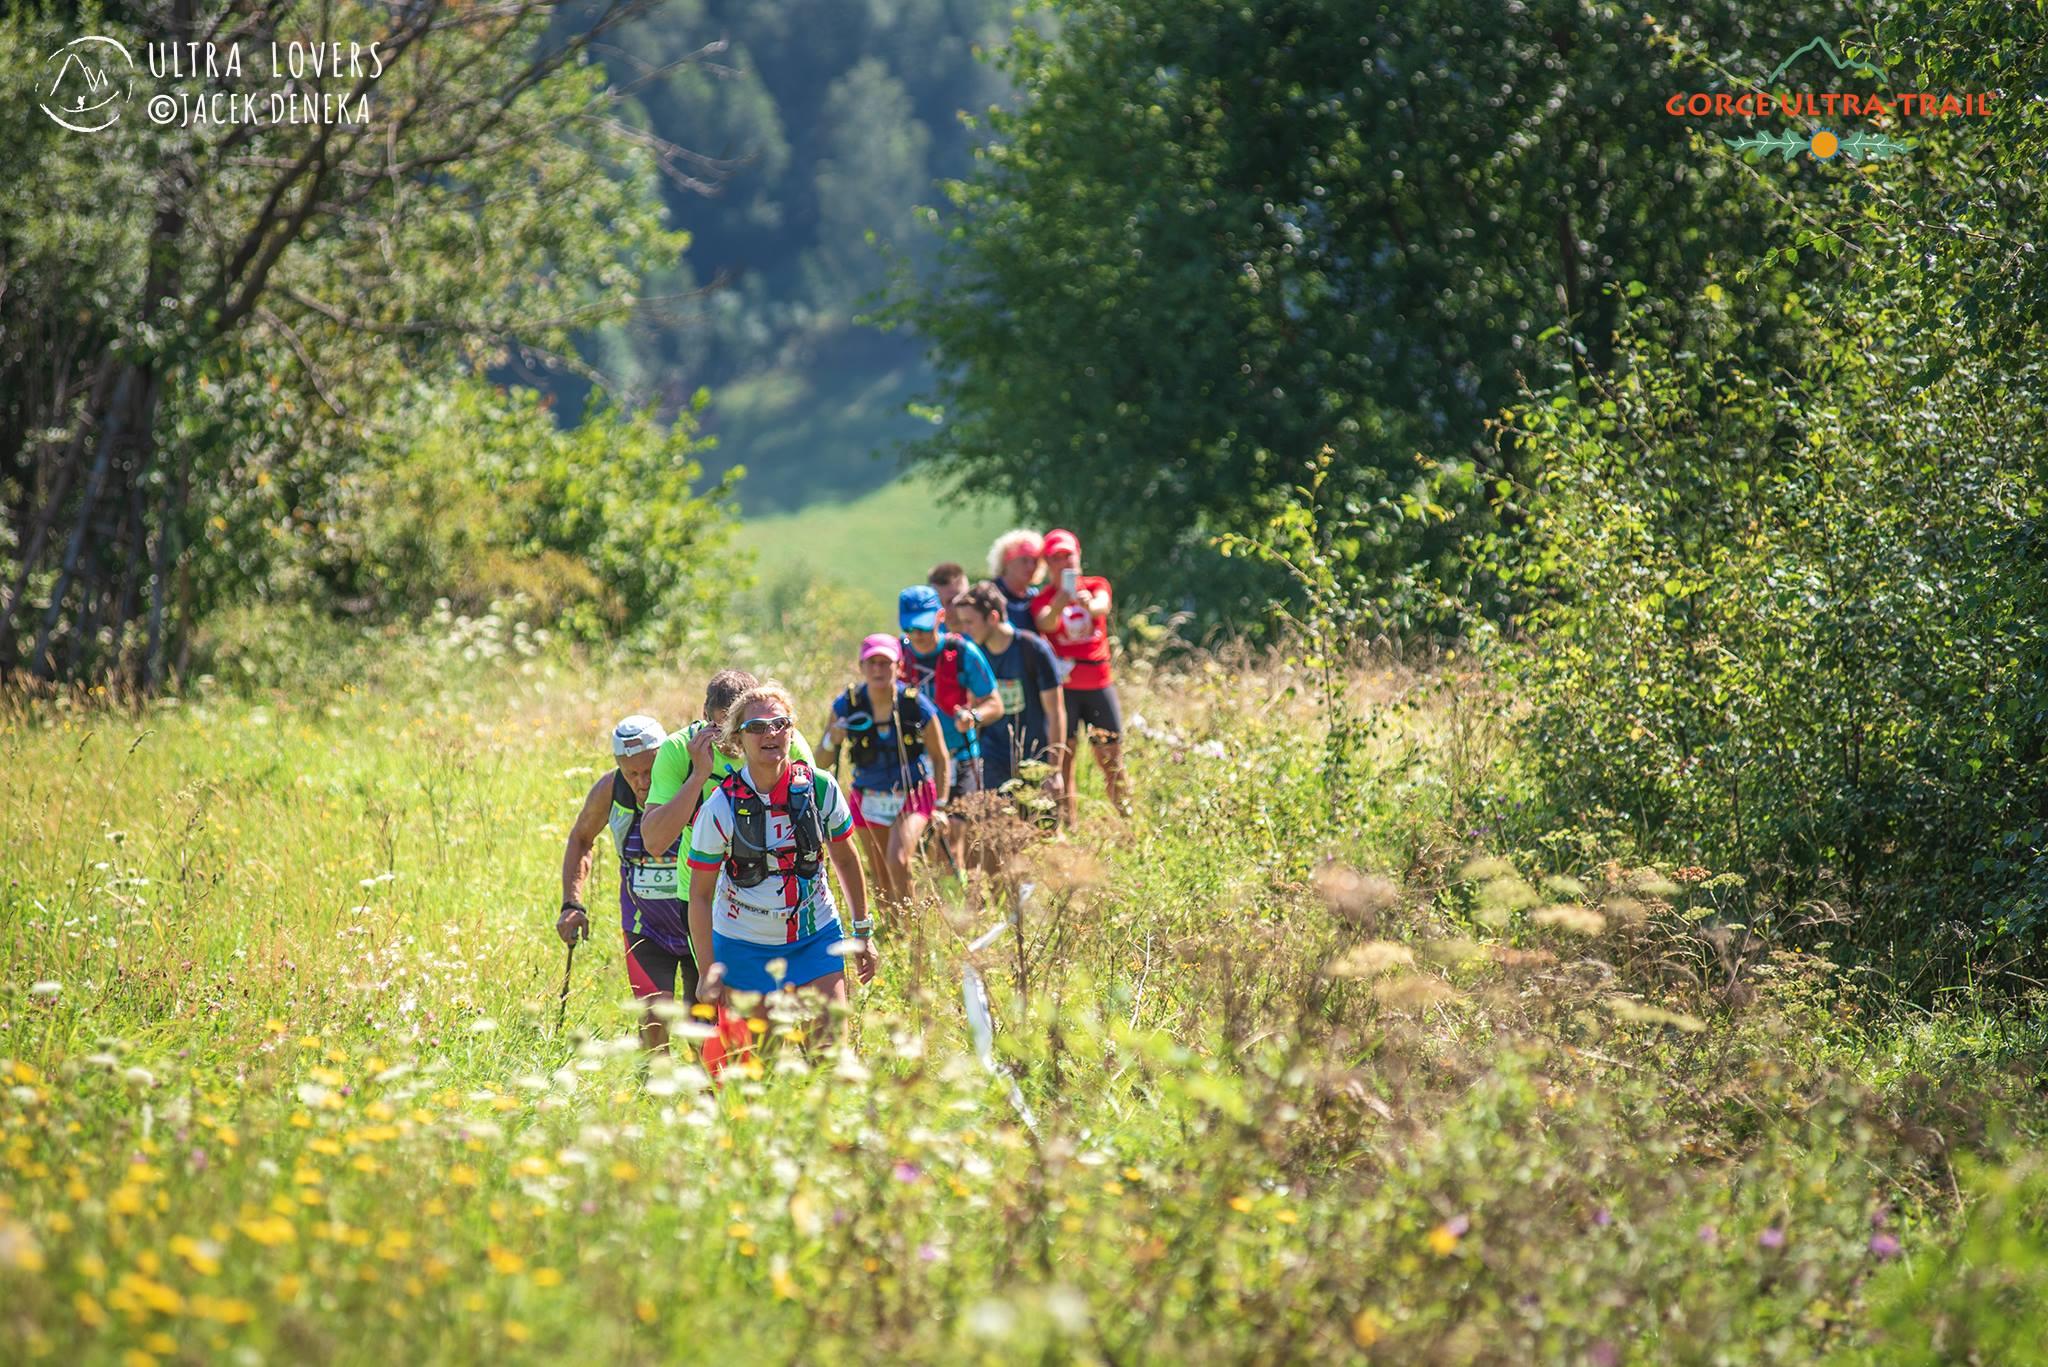 Bieg przez góry Ultra Trail gorce